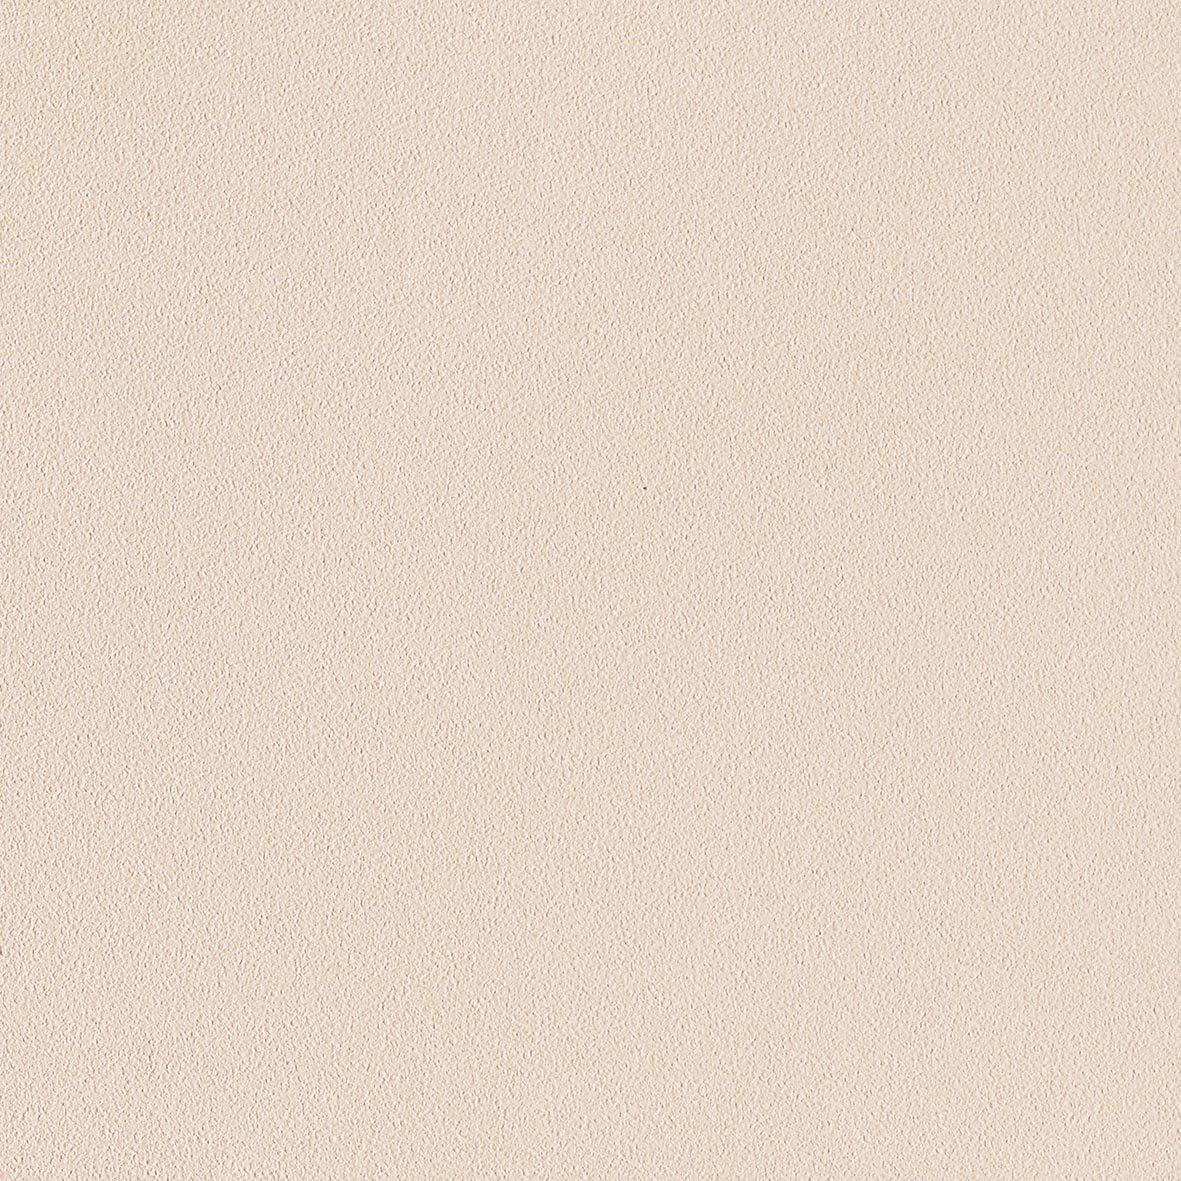 リリカラ 壁紙29m シンフル 石目調 ベージュ スーパー強化+汚れ防止 LW-2322 B07611Q4RT 29m|ベージュ4